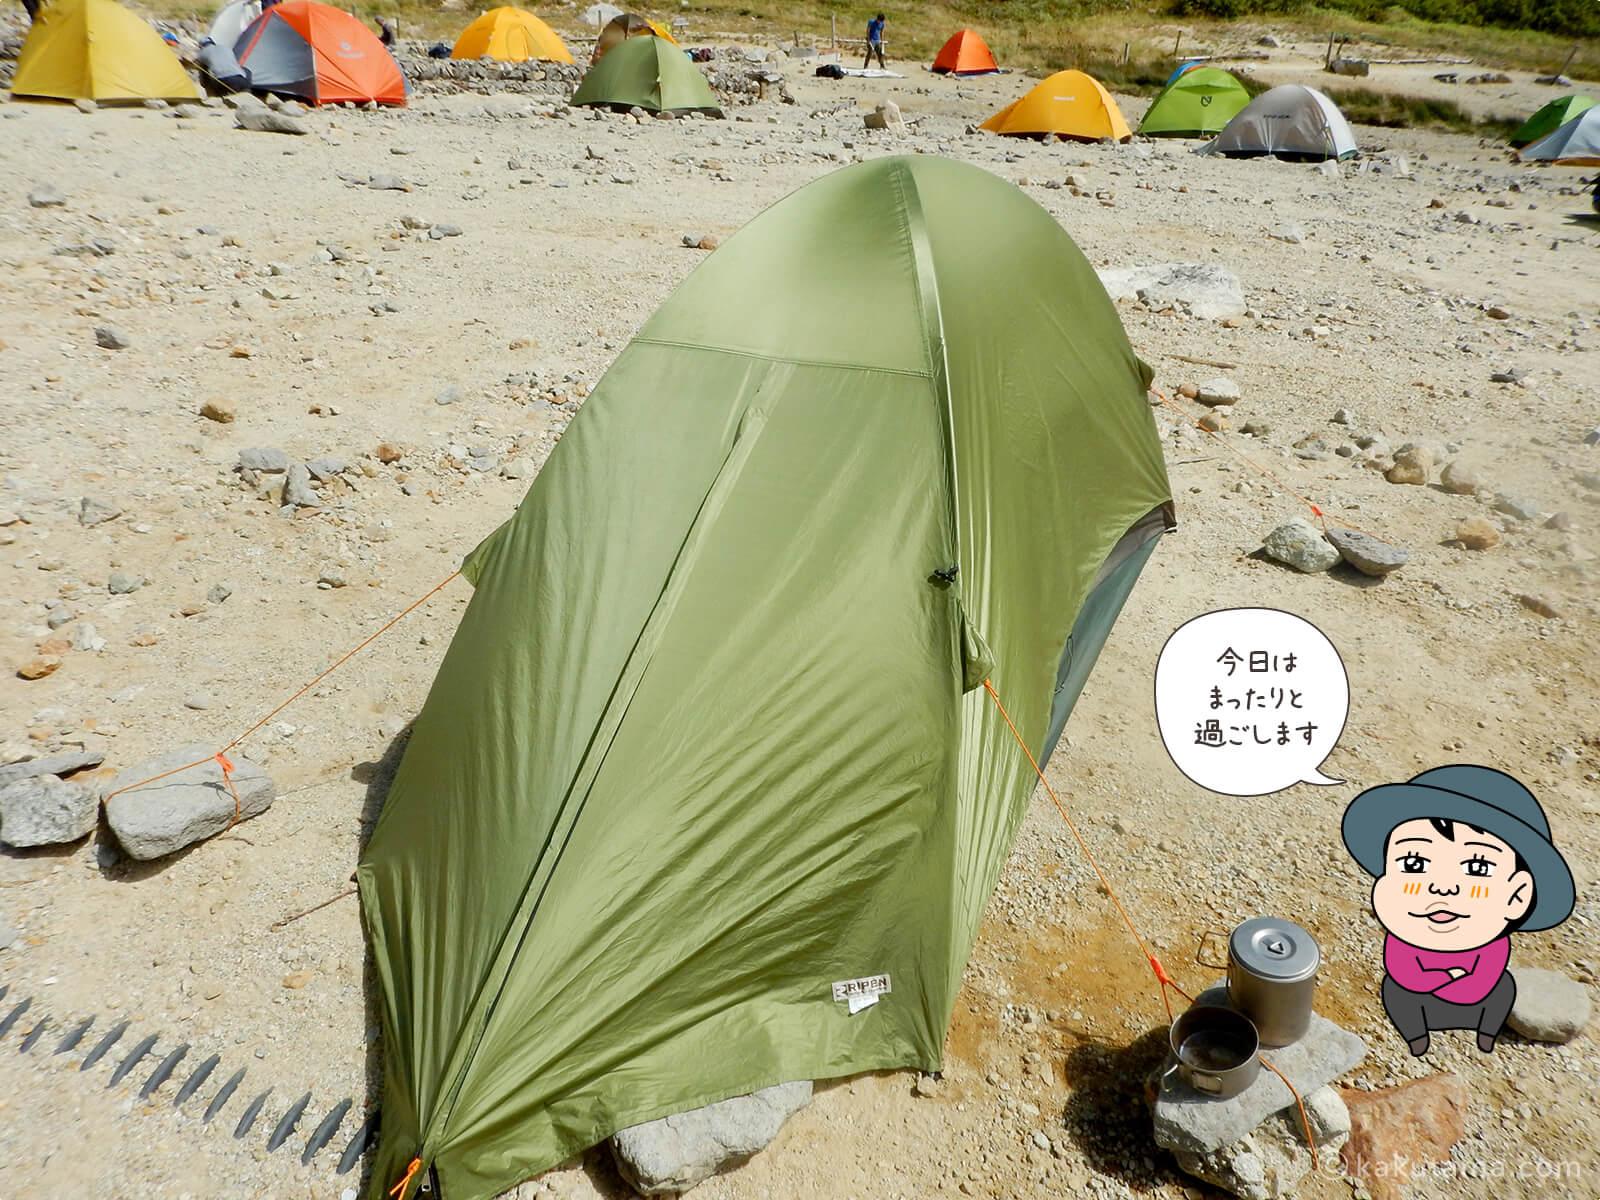 双六小屋テント場で一息